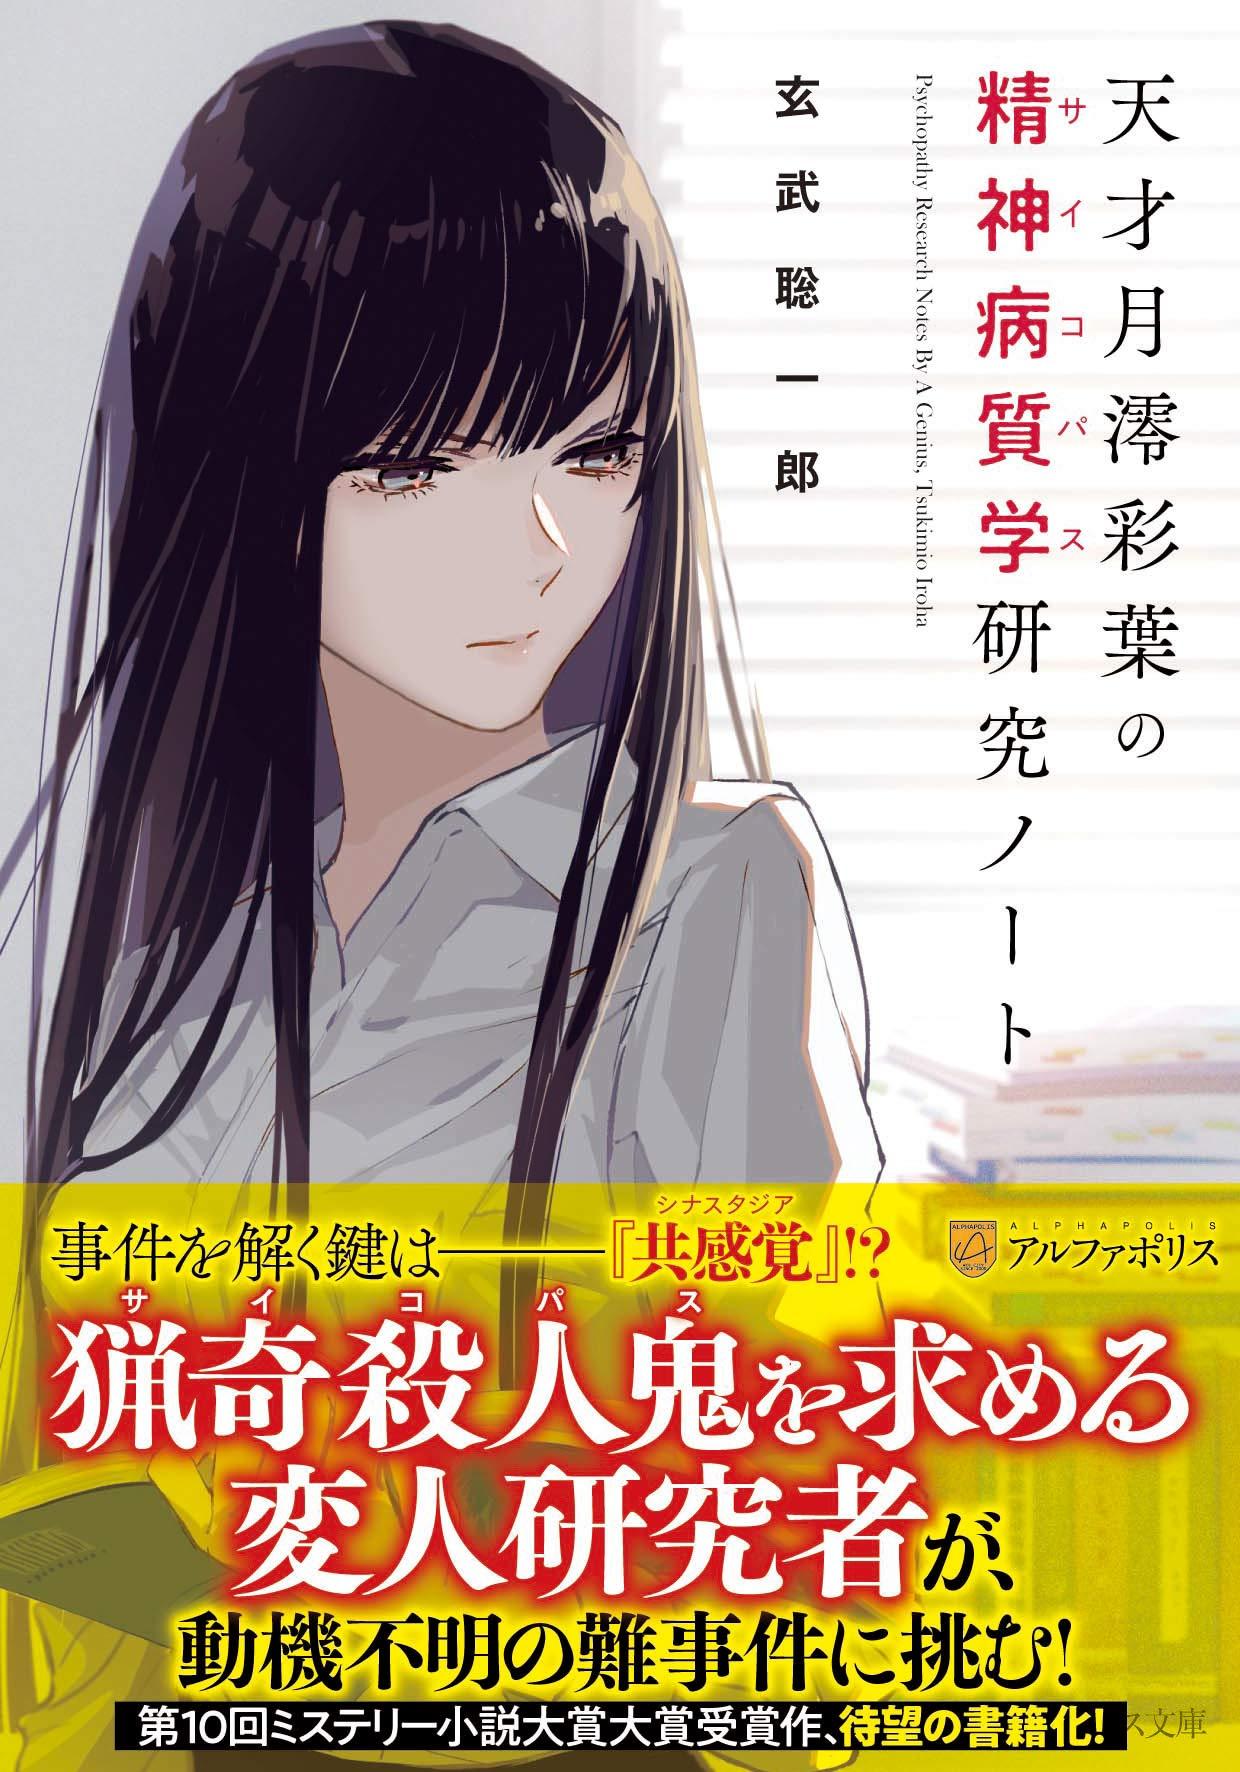 本・雑誌・コミック, その他 () () ,